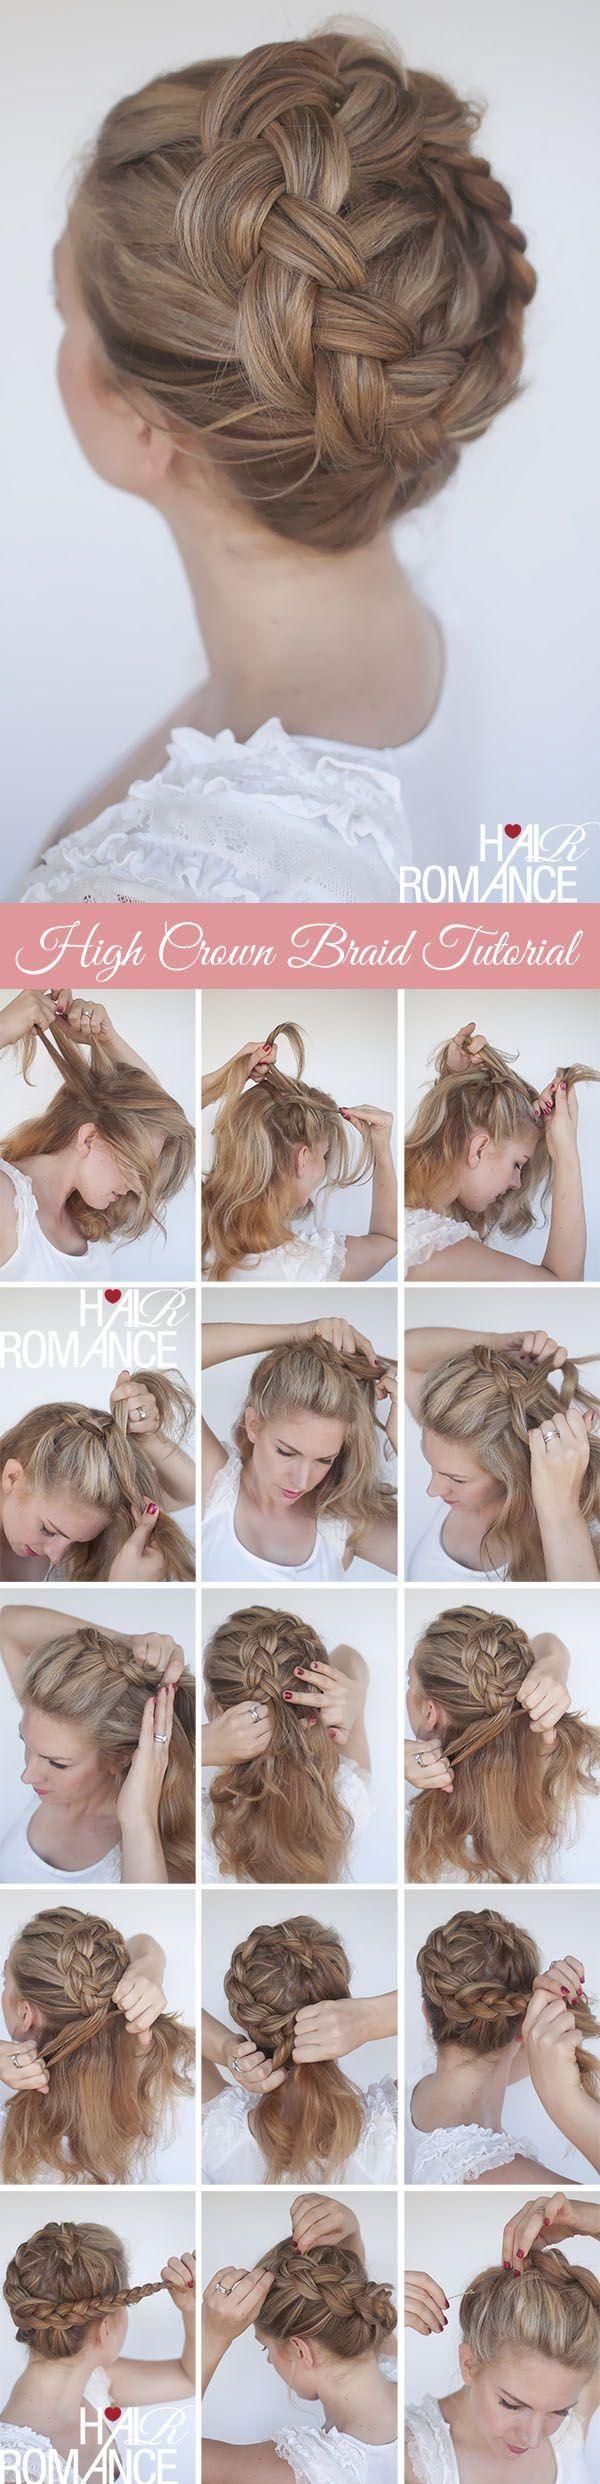 Cudowne i modne fryzury - pokazujemy JAK JE ZROBIĆ!